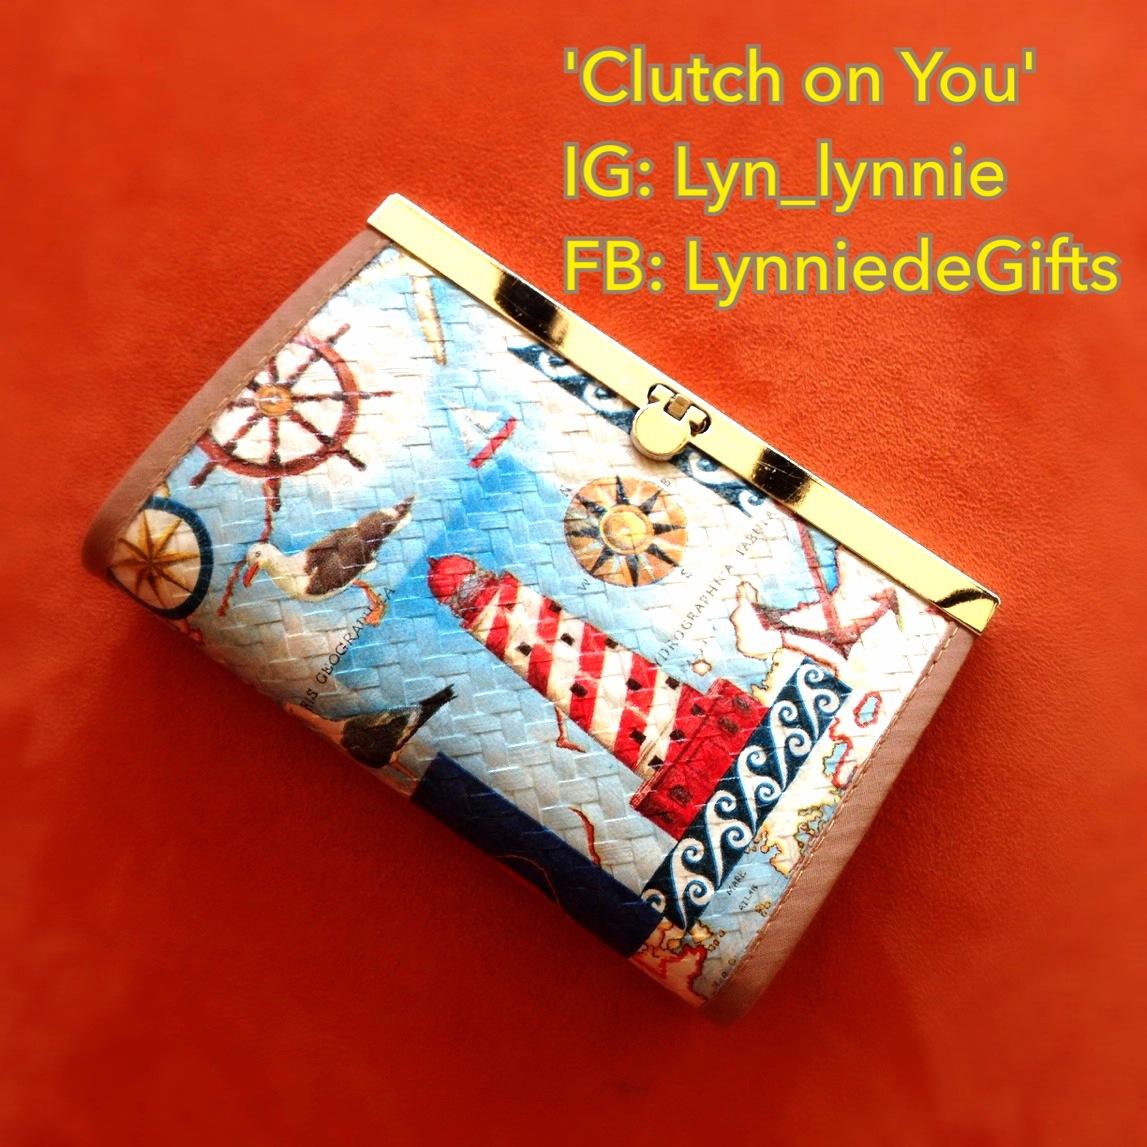 กระเป๋าคลัทช์แถบเหล็ก แฮนด์เมด แบรนด์ Clutch on You